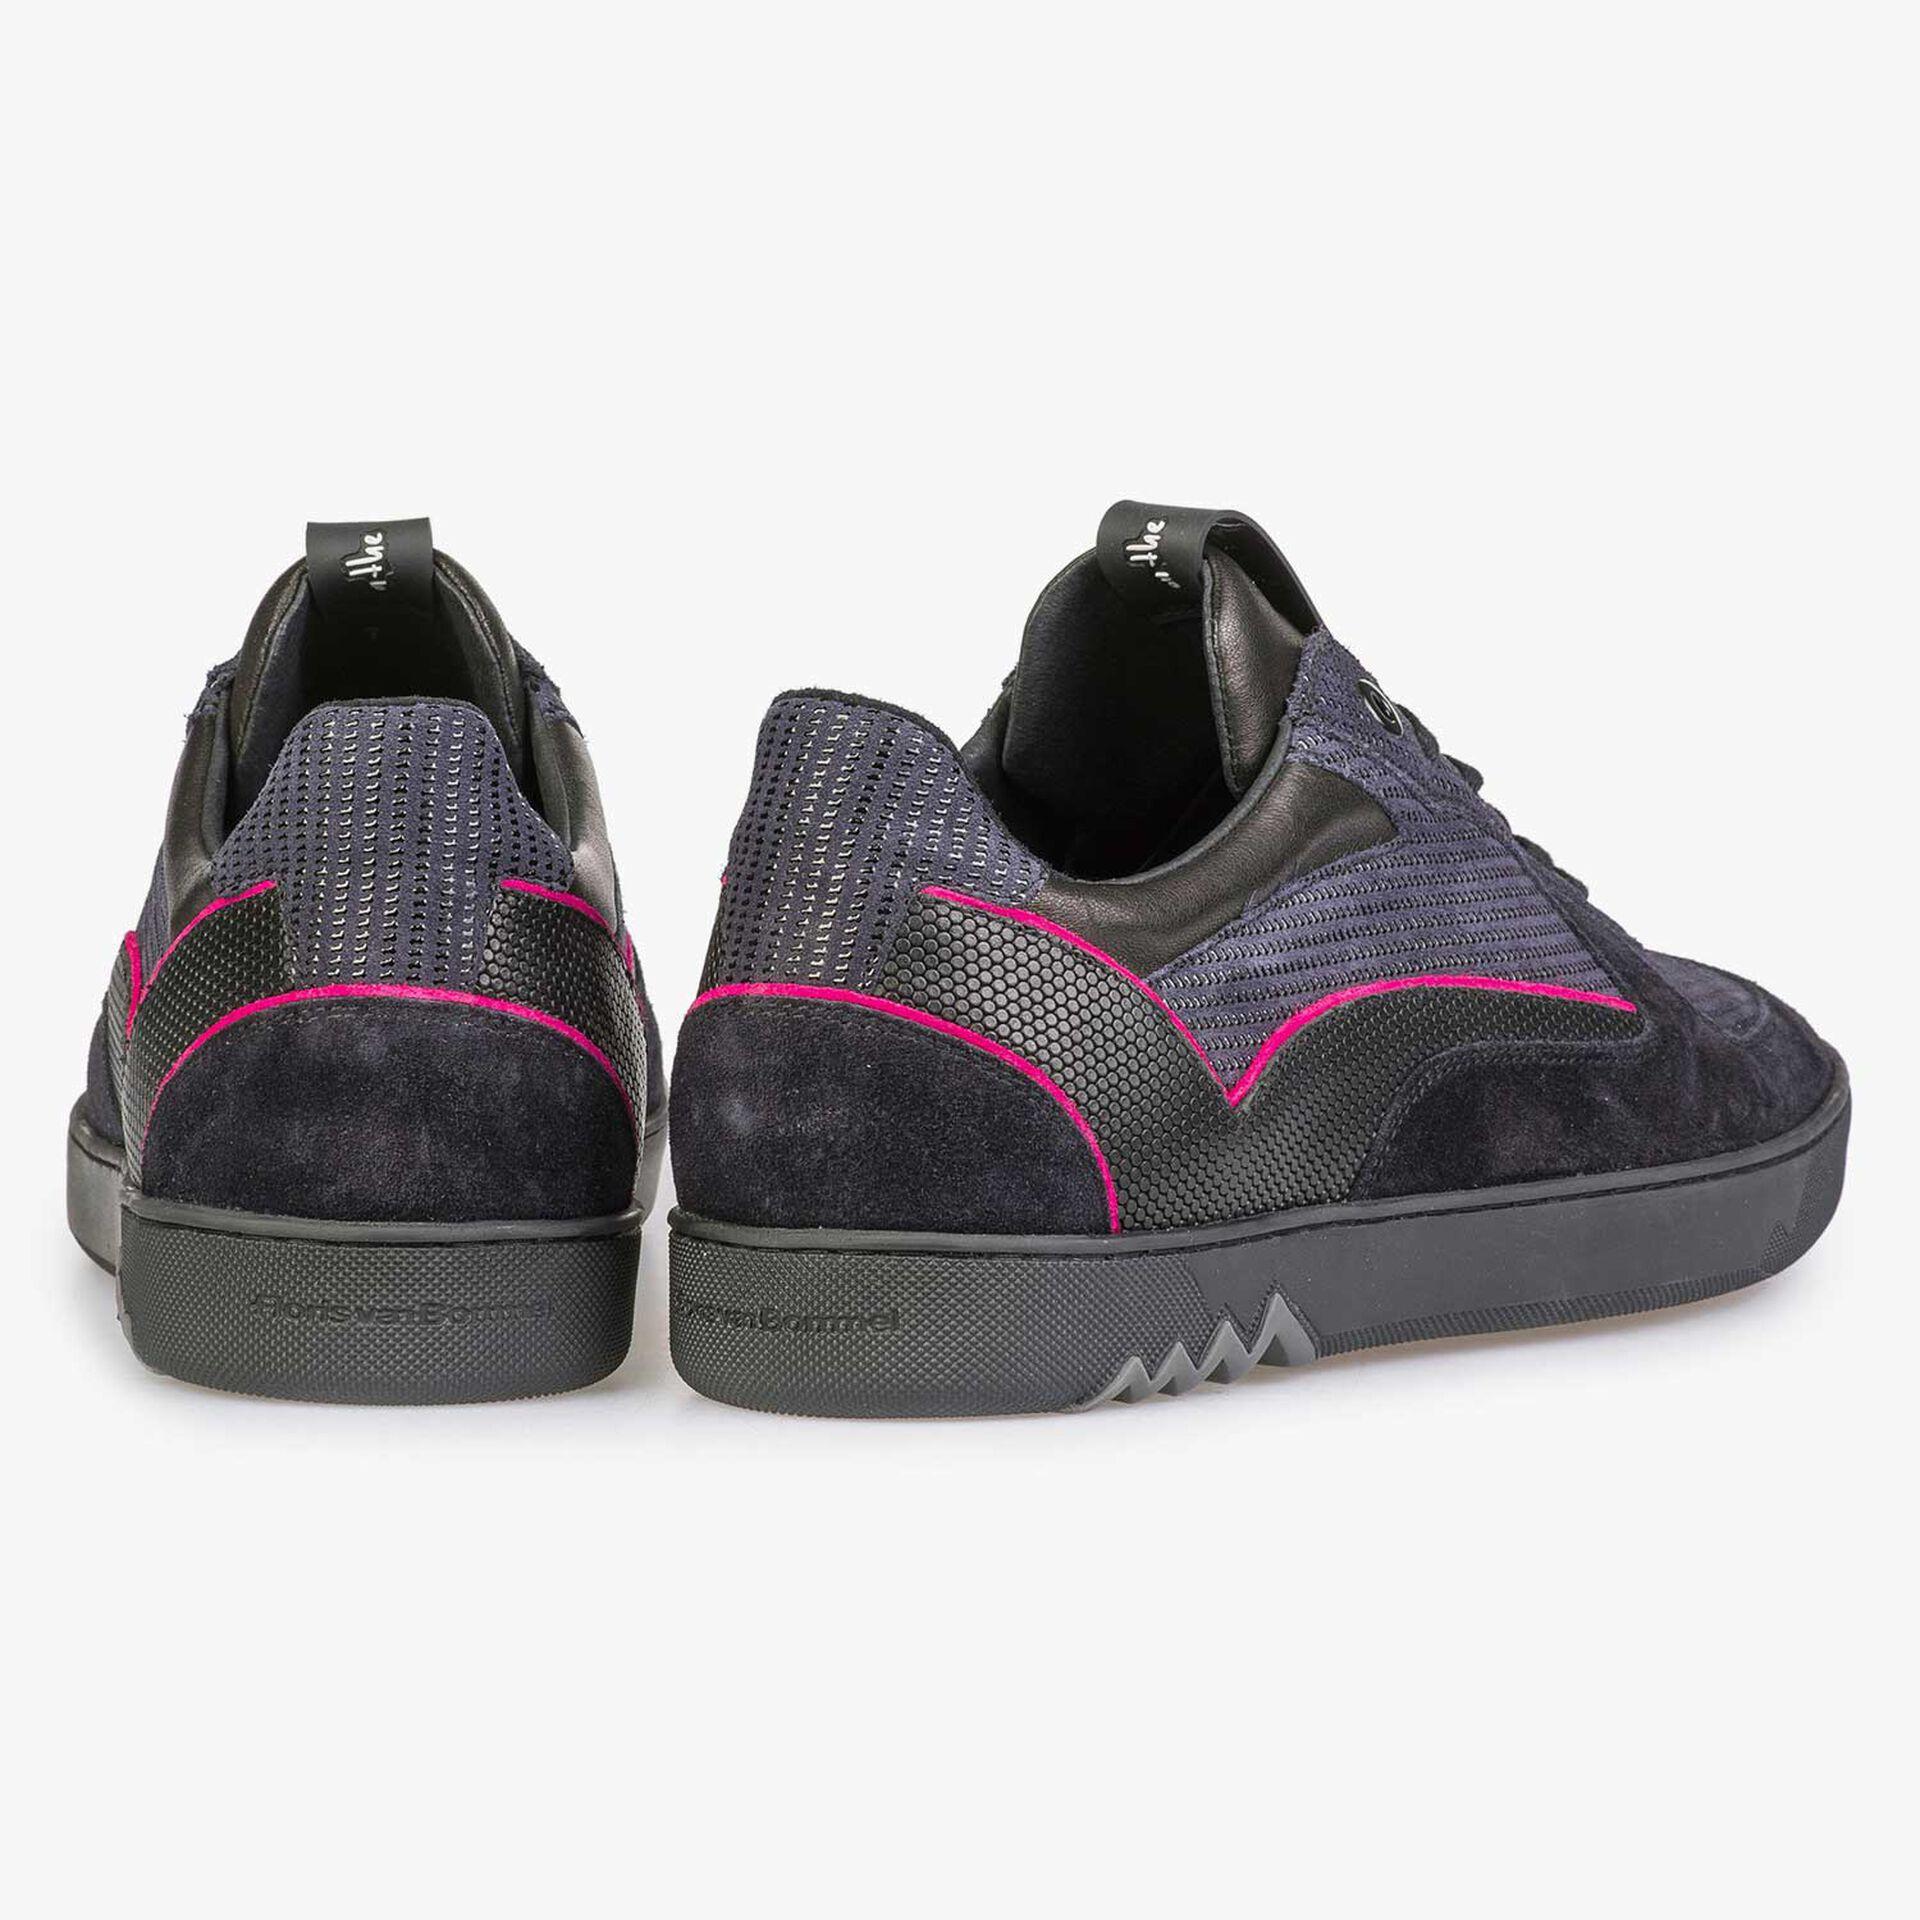 Dunkelblauer Sneaker mit pinker Paspel